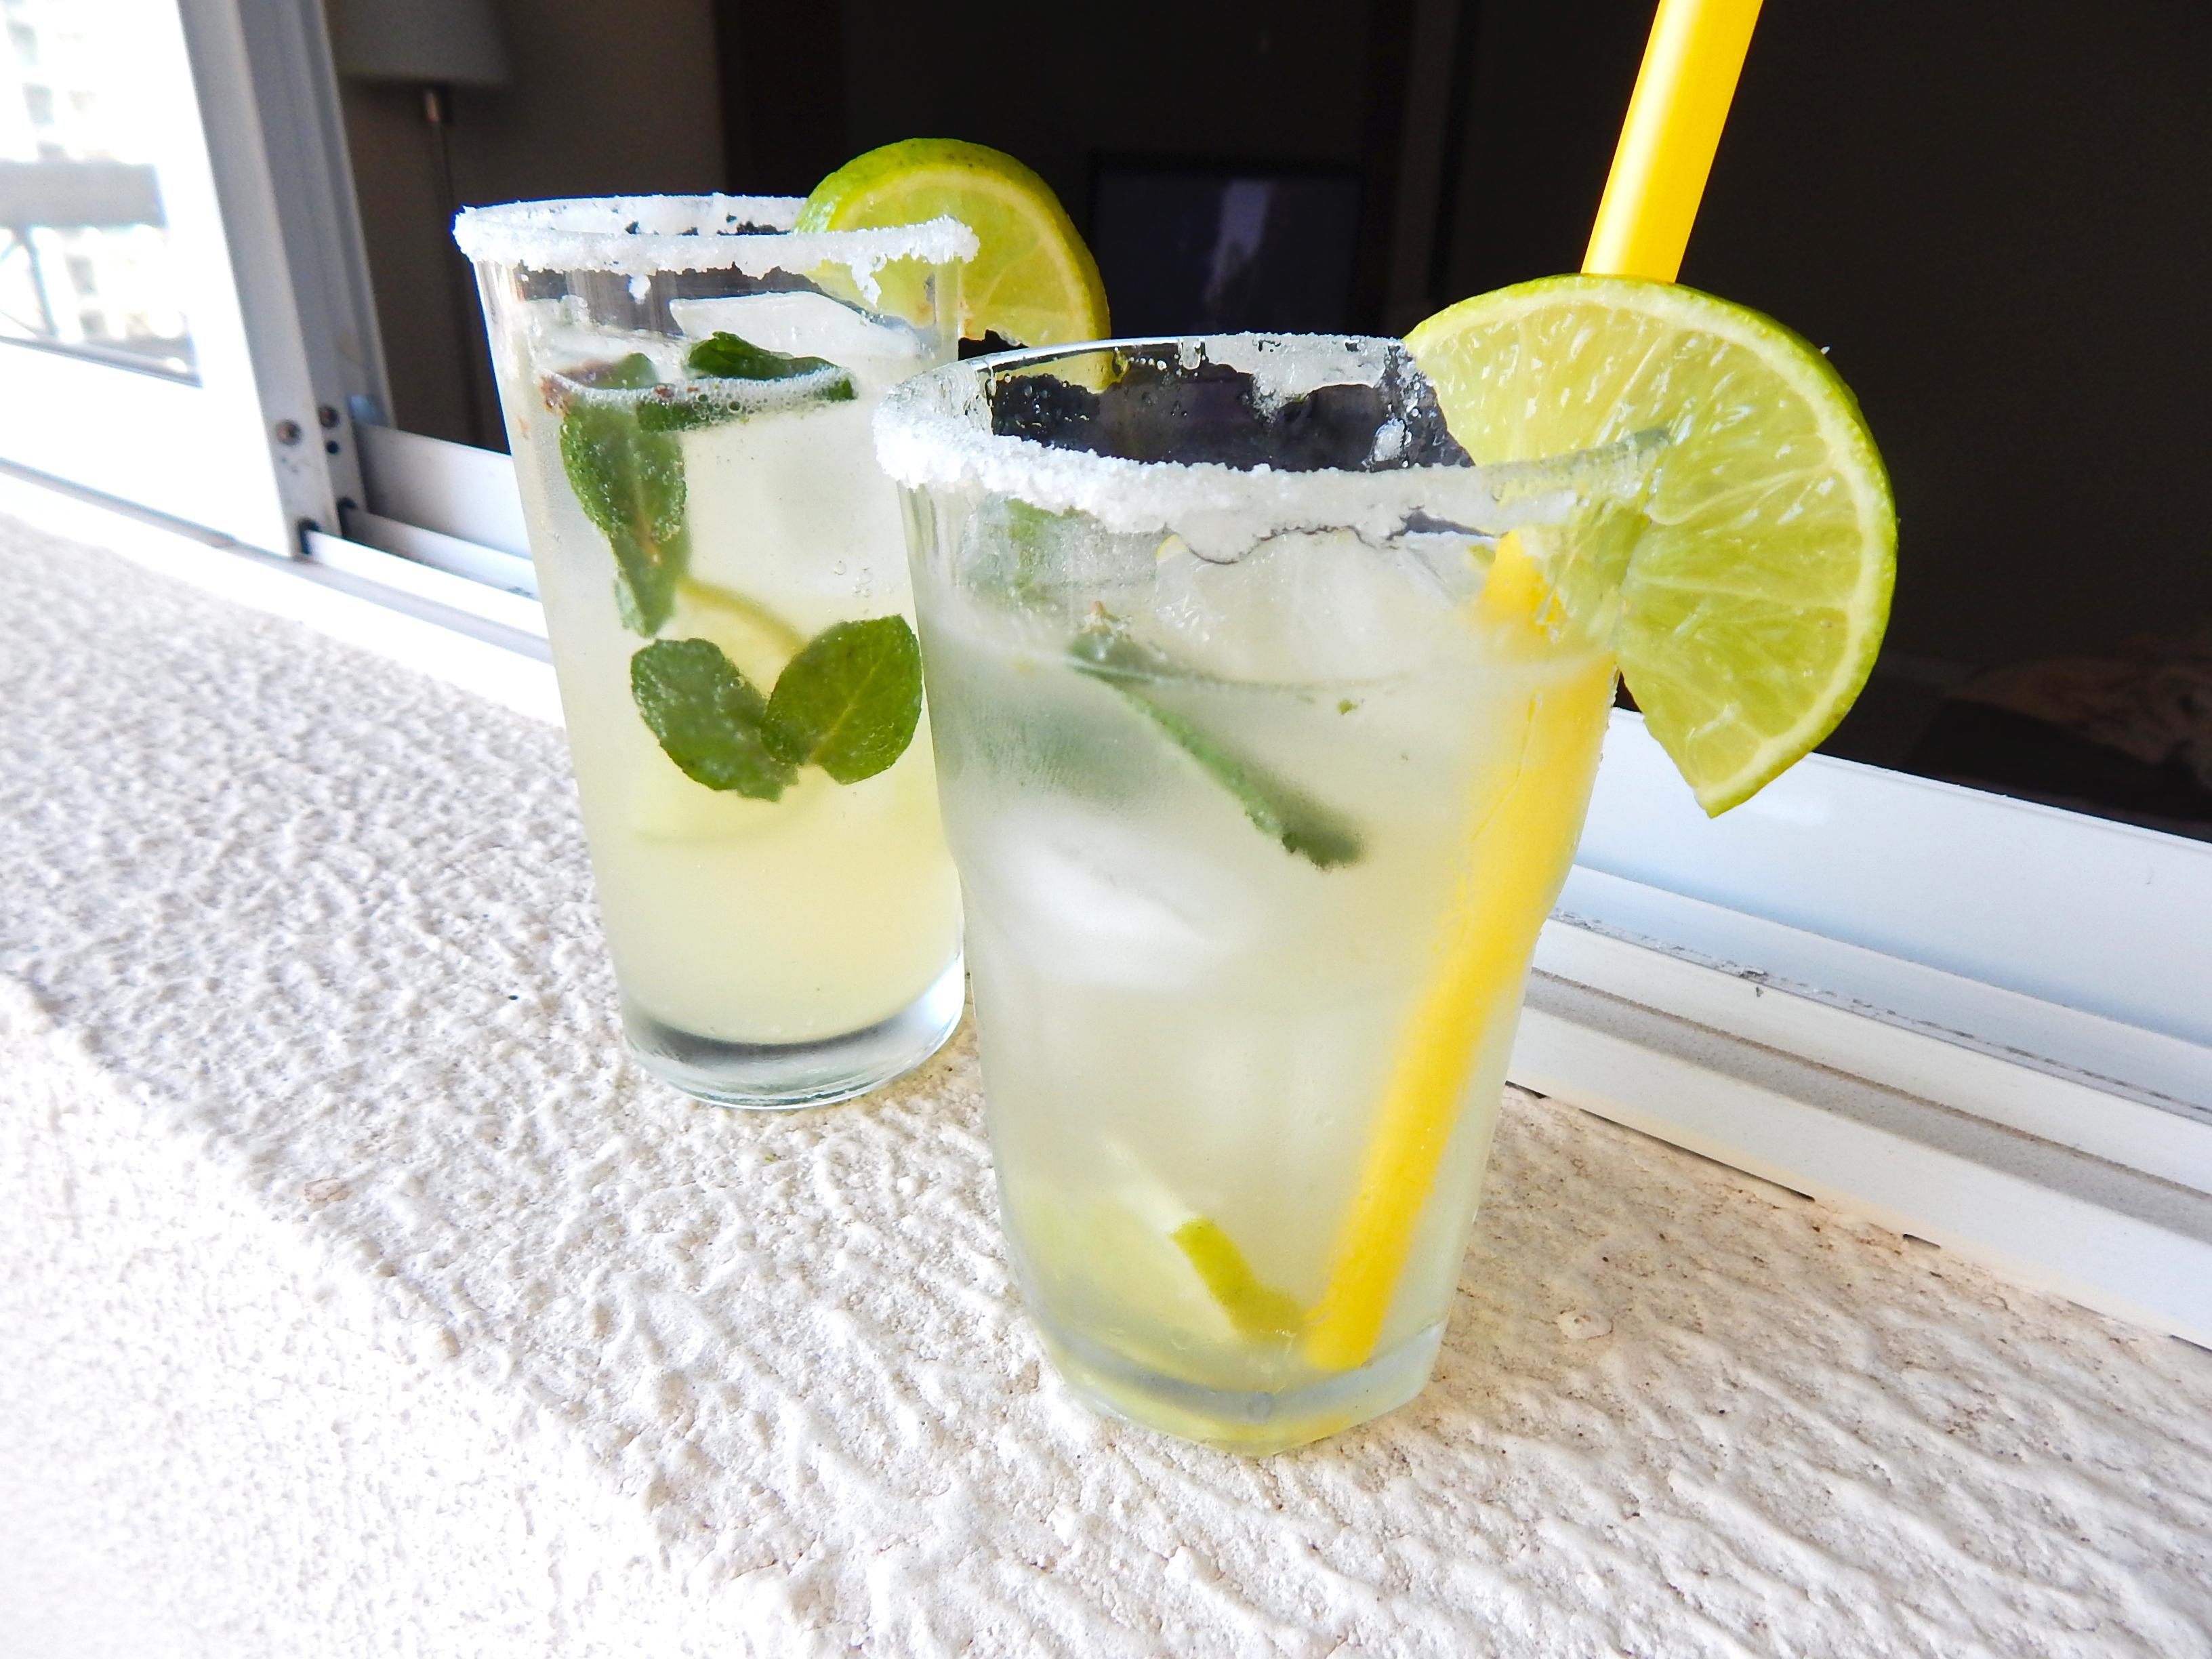 sirva-drink-receita-drink-mojito-na-cozinha-sozinho